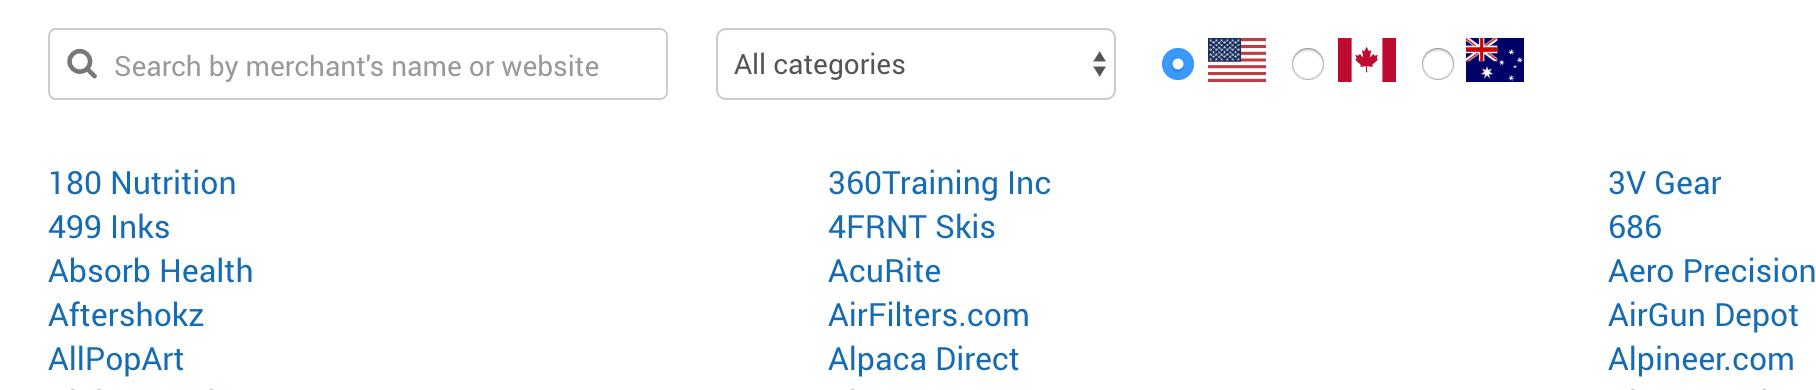 AvantLink merchant programs